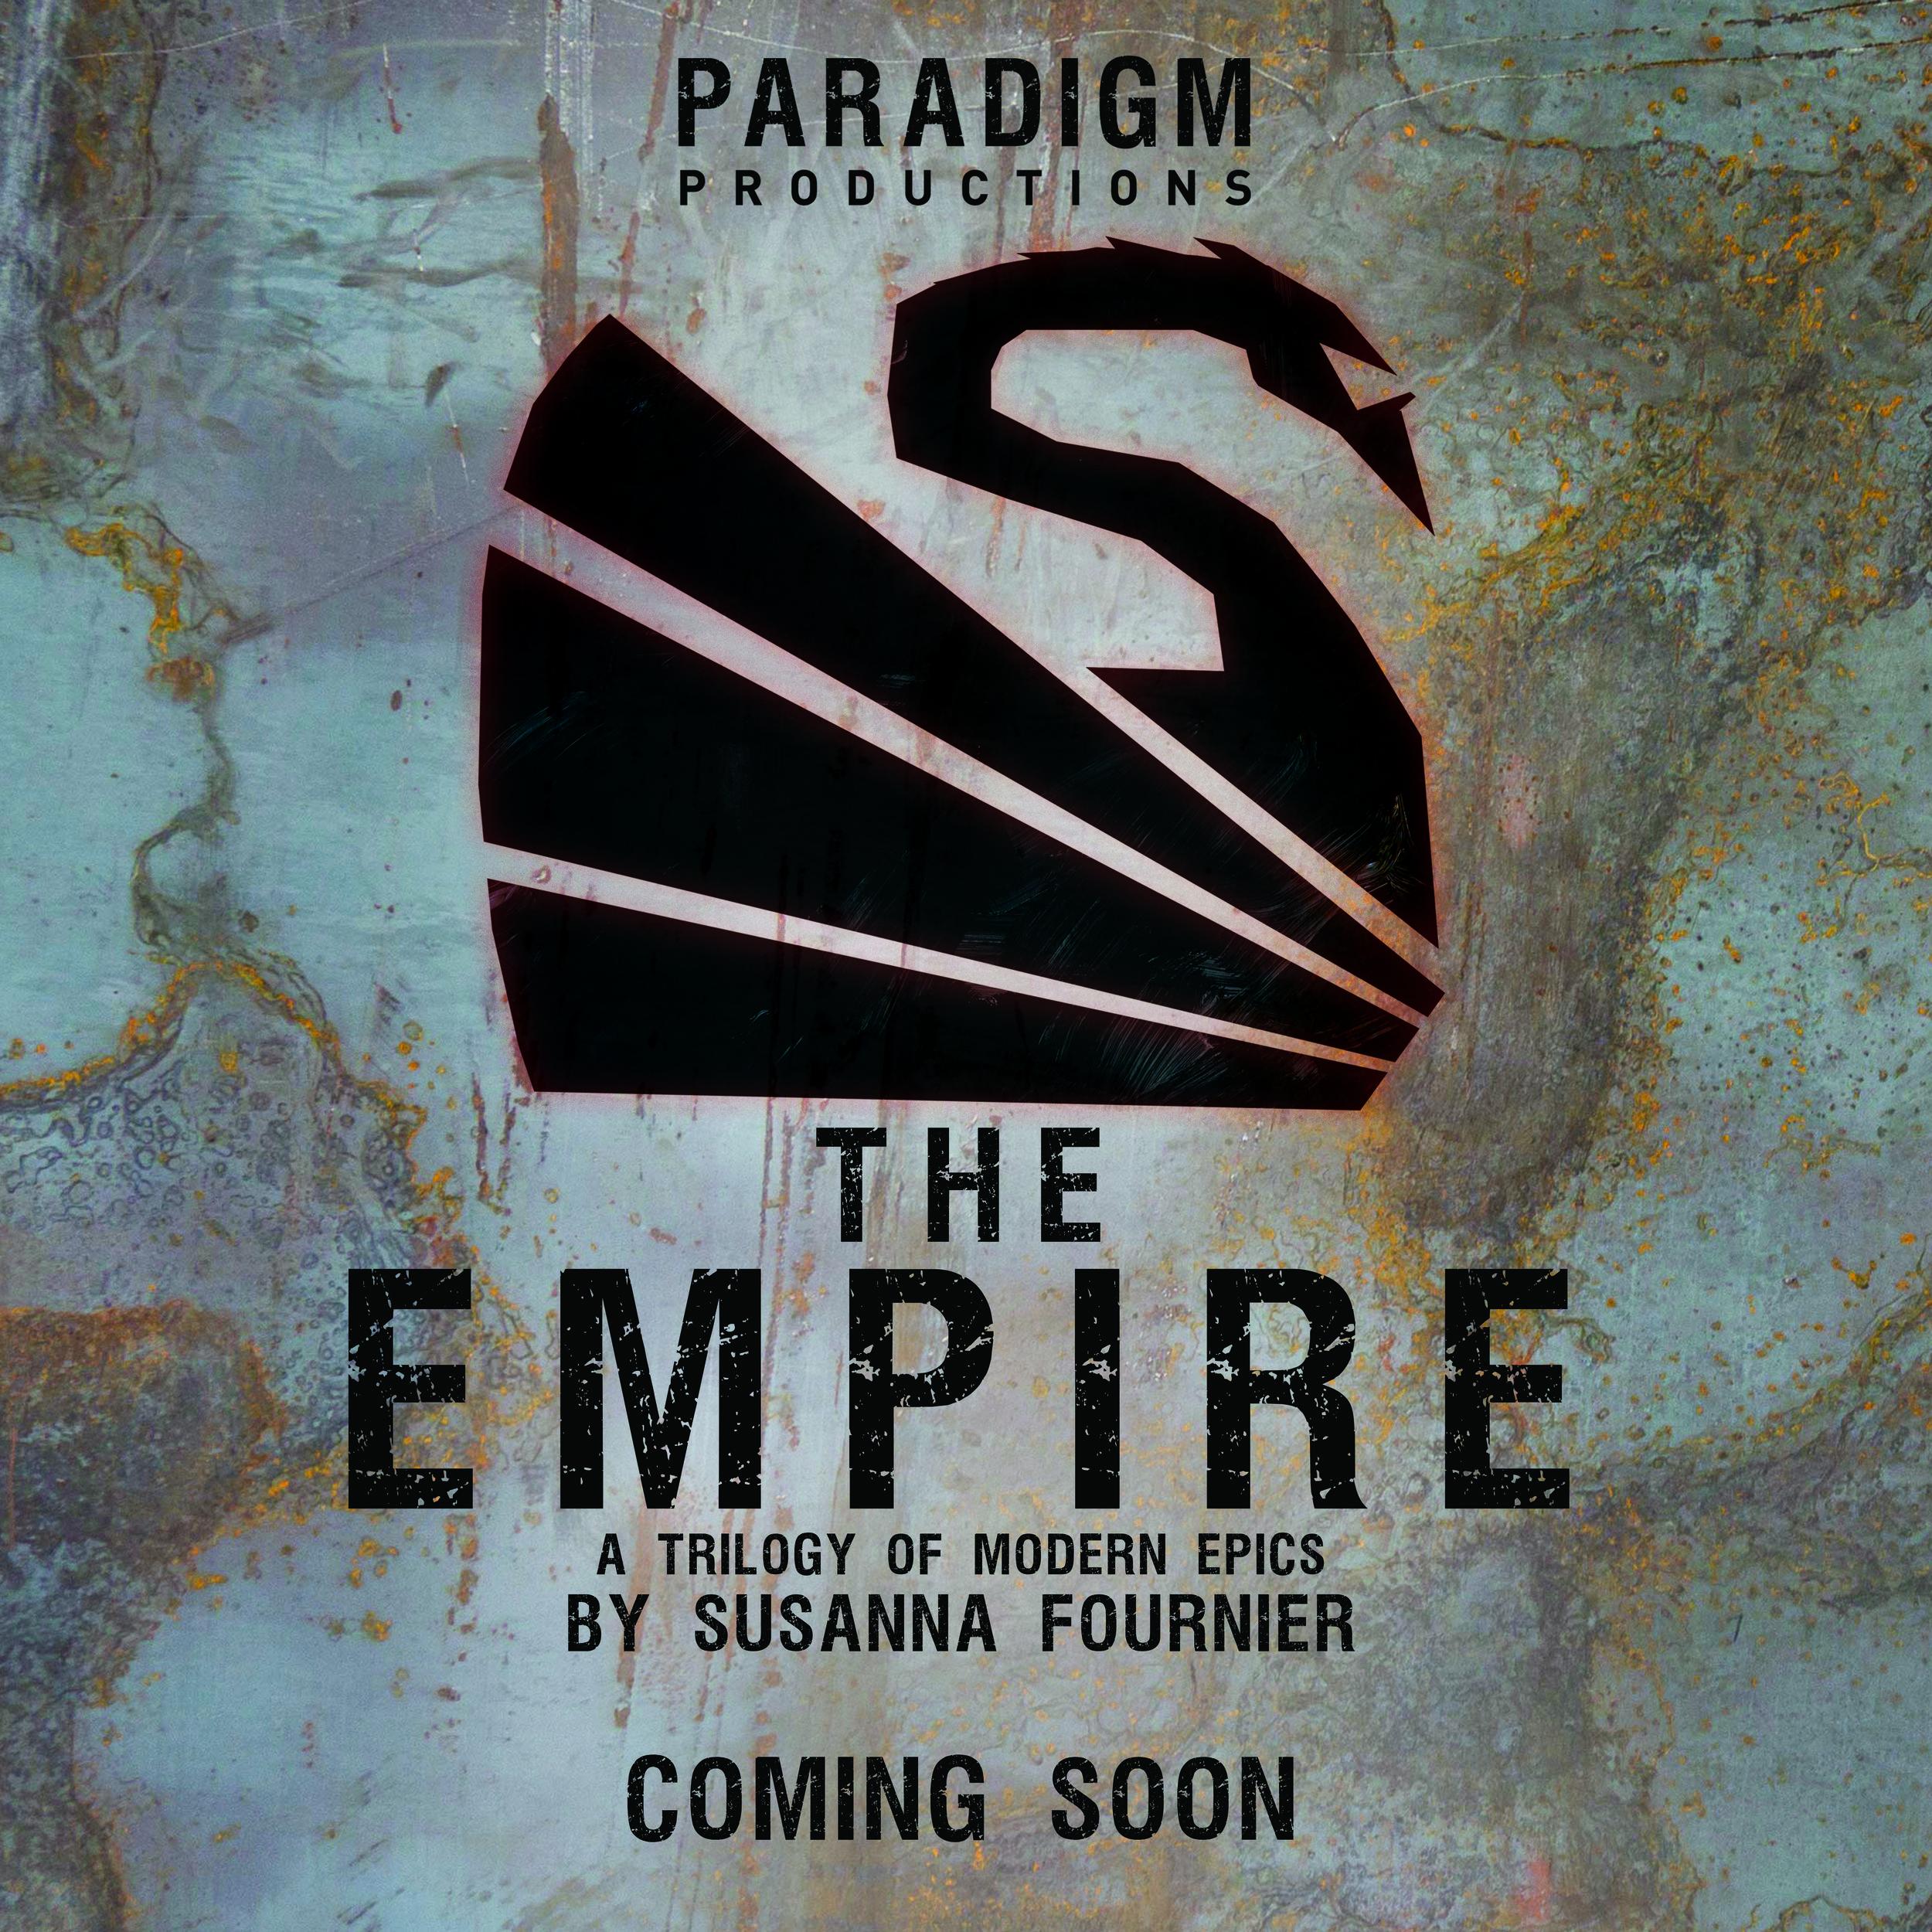 Empire Swan-logo ad v3.jpg